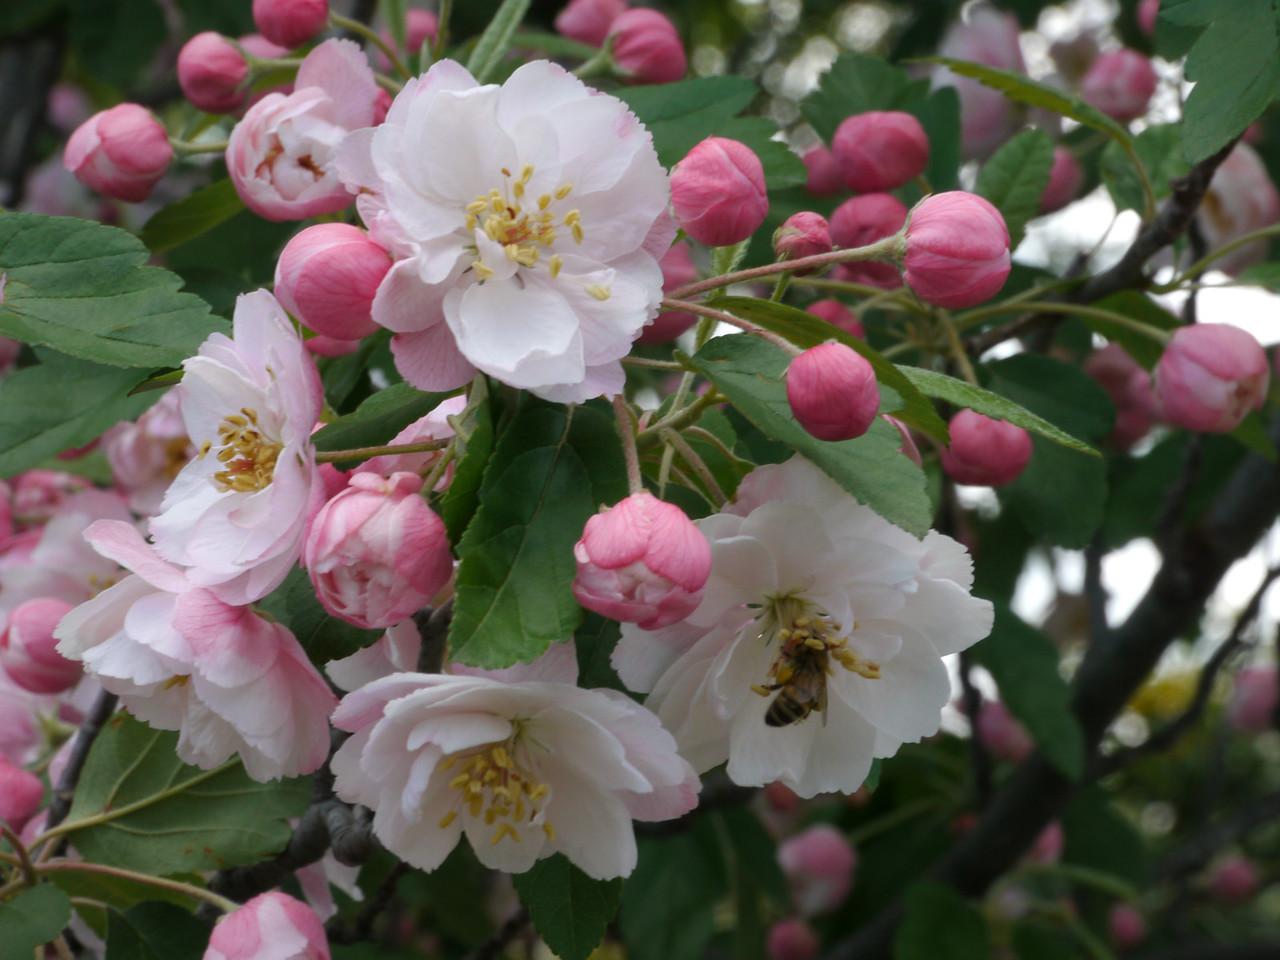 20121019_1203_4112 blossom